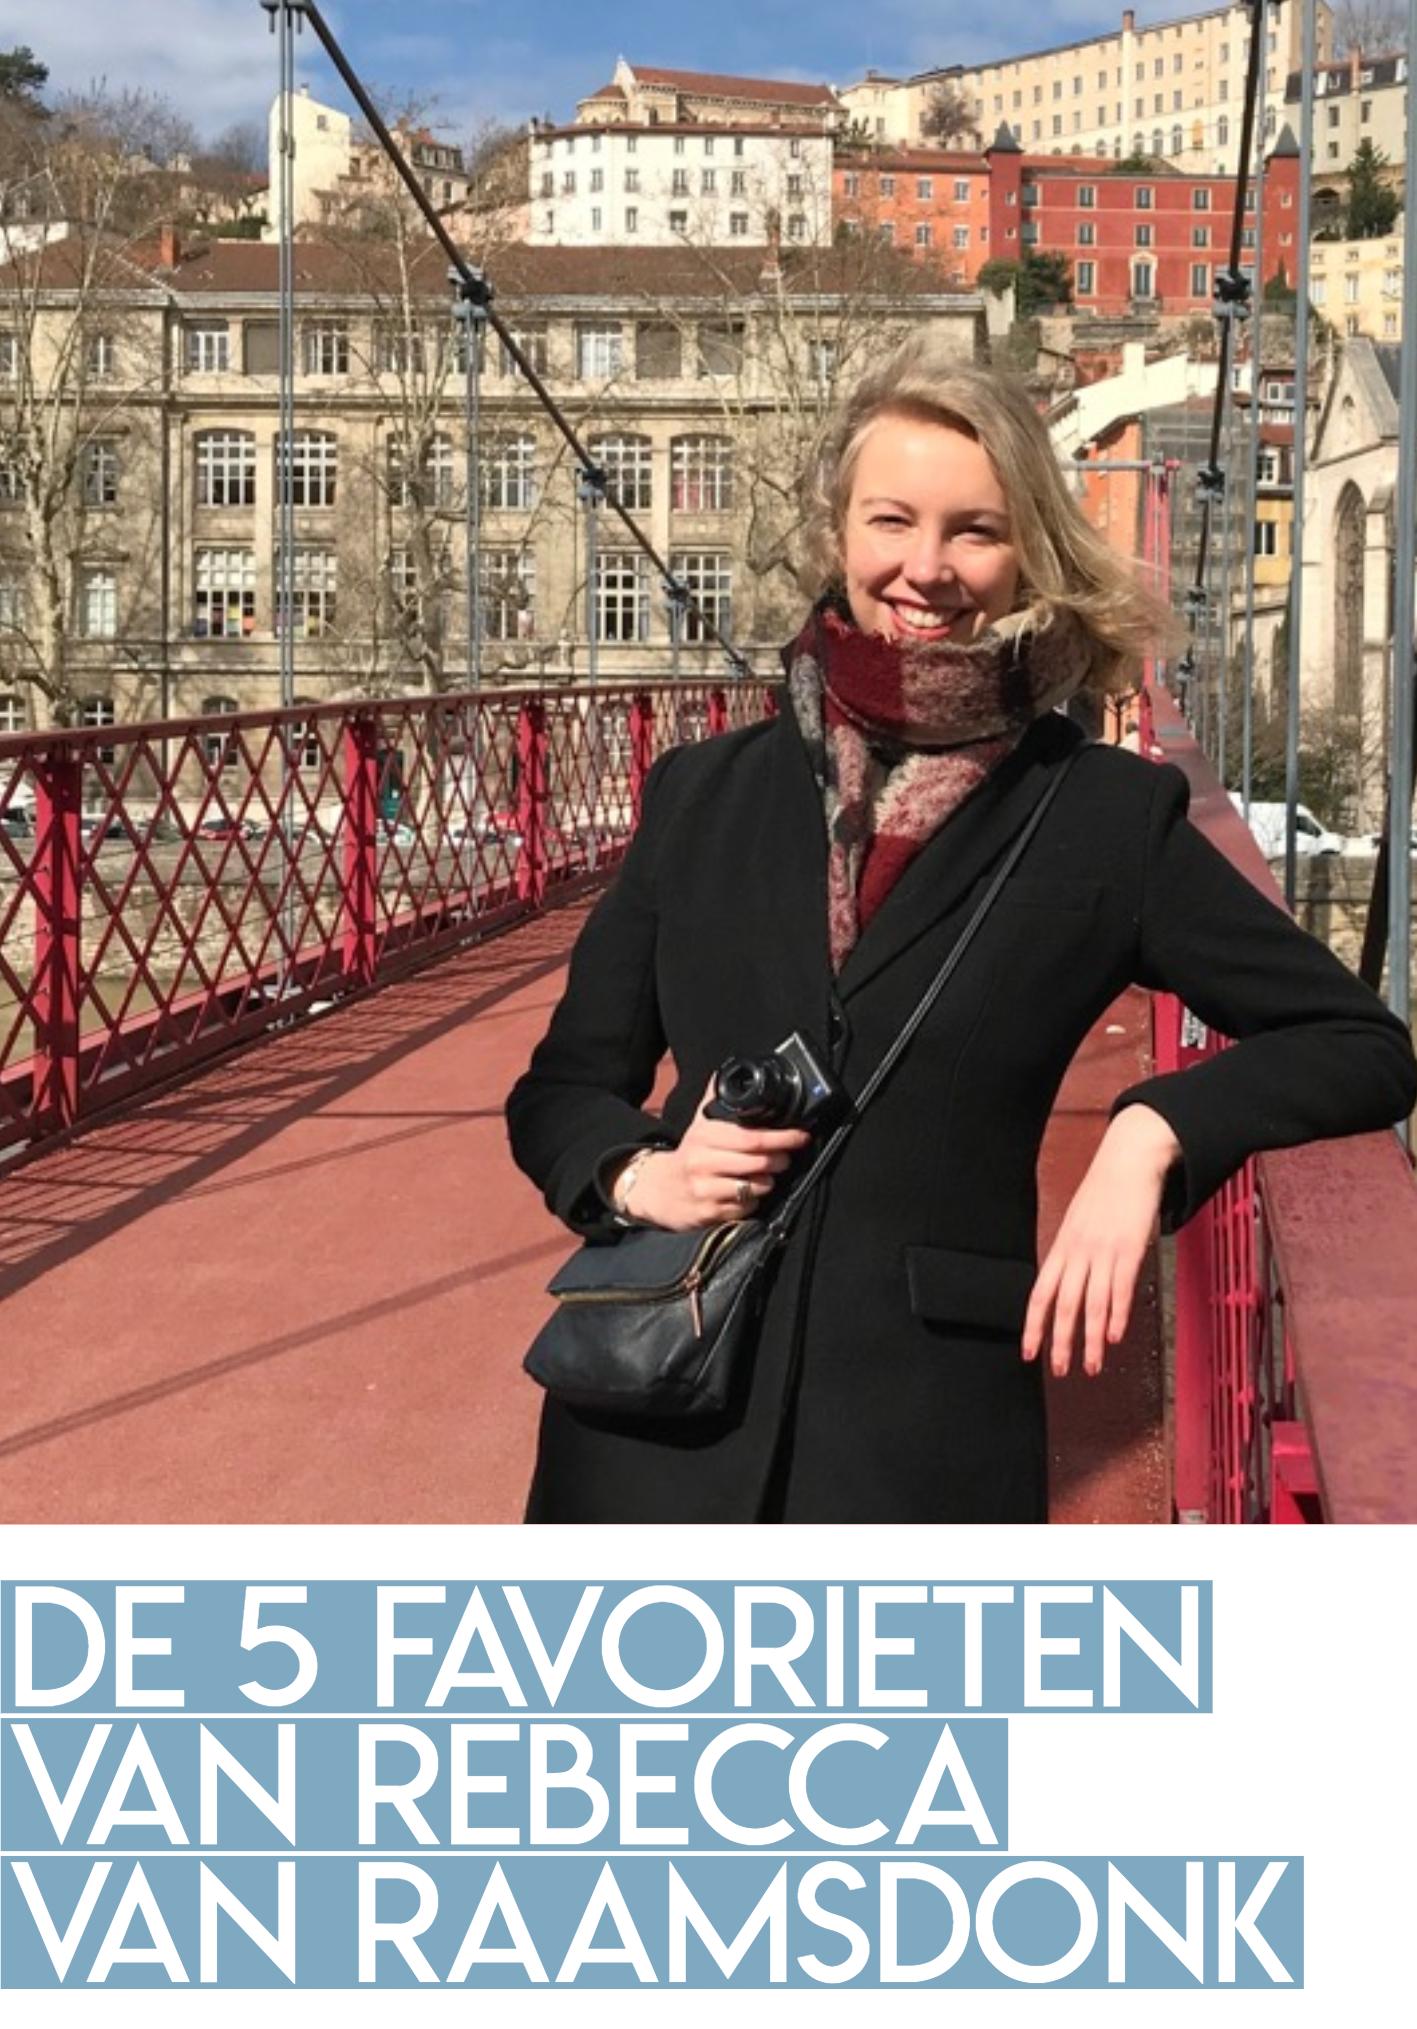 De 5 favorieten van Rebecca van Raamsdonk